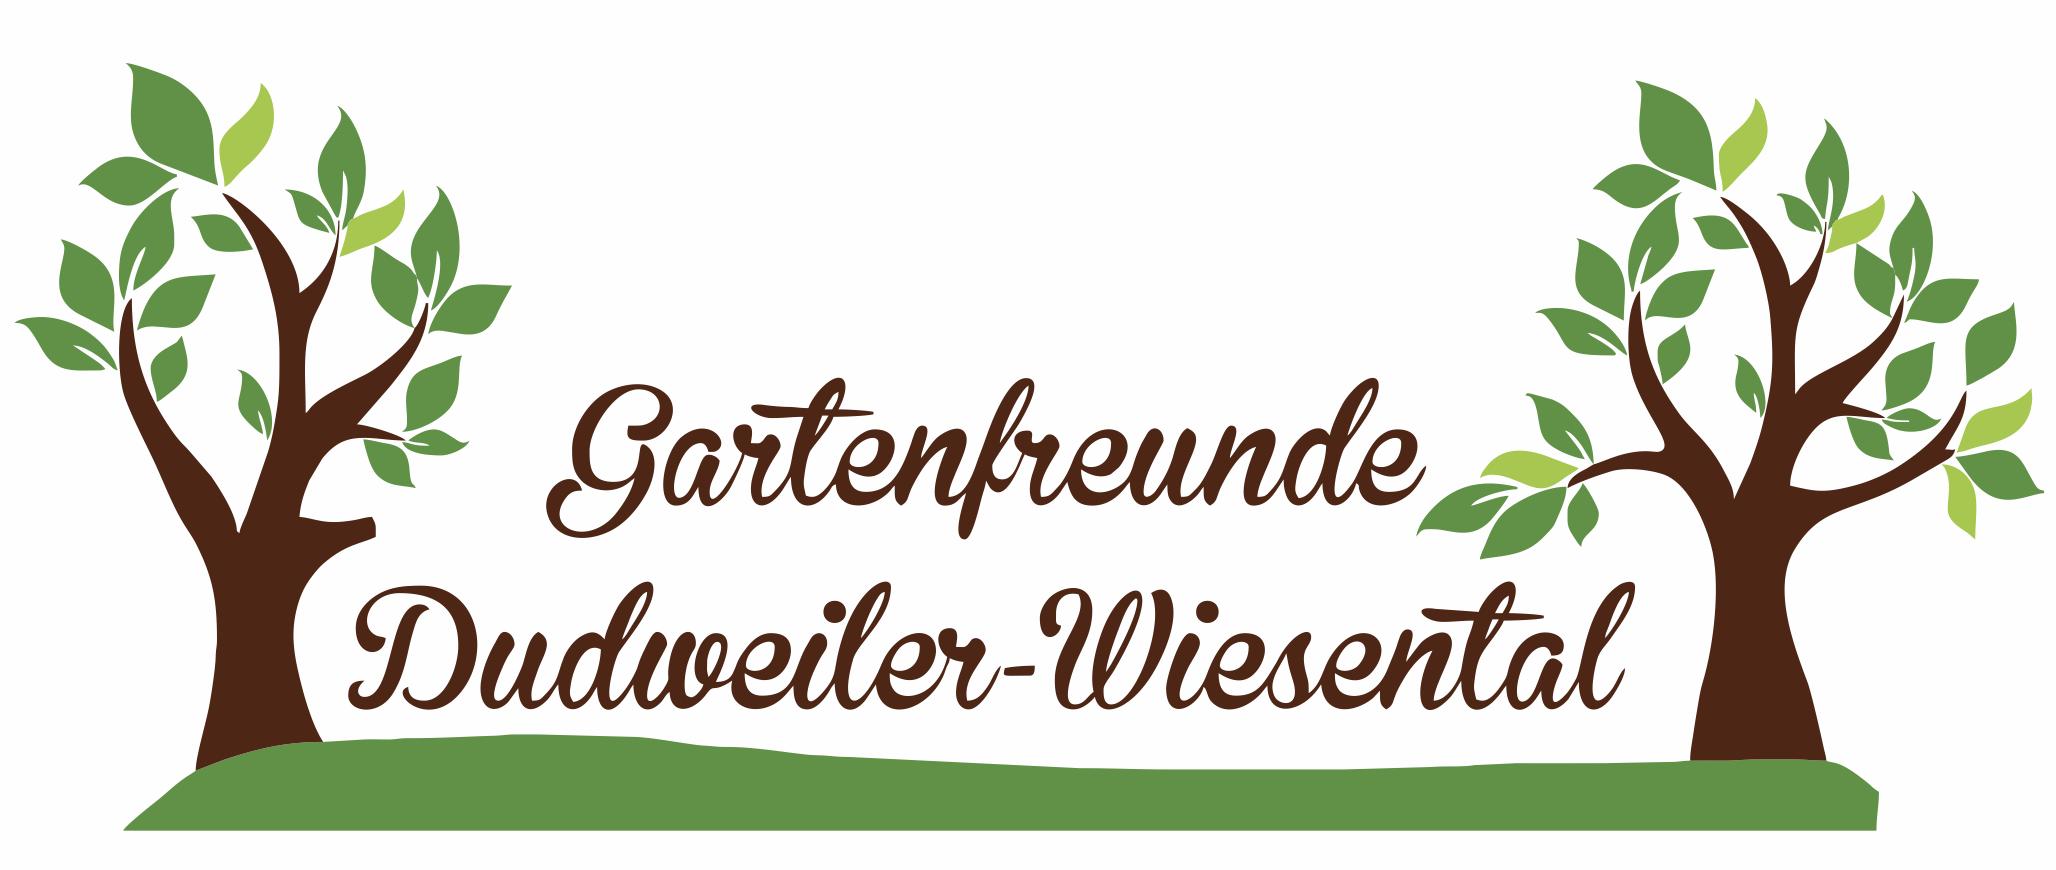 Gartenfreunde Dudweiler-Wiesental e.V.